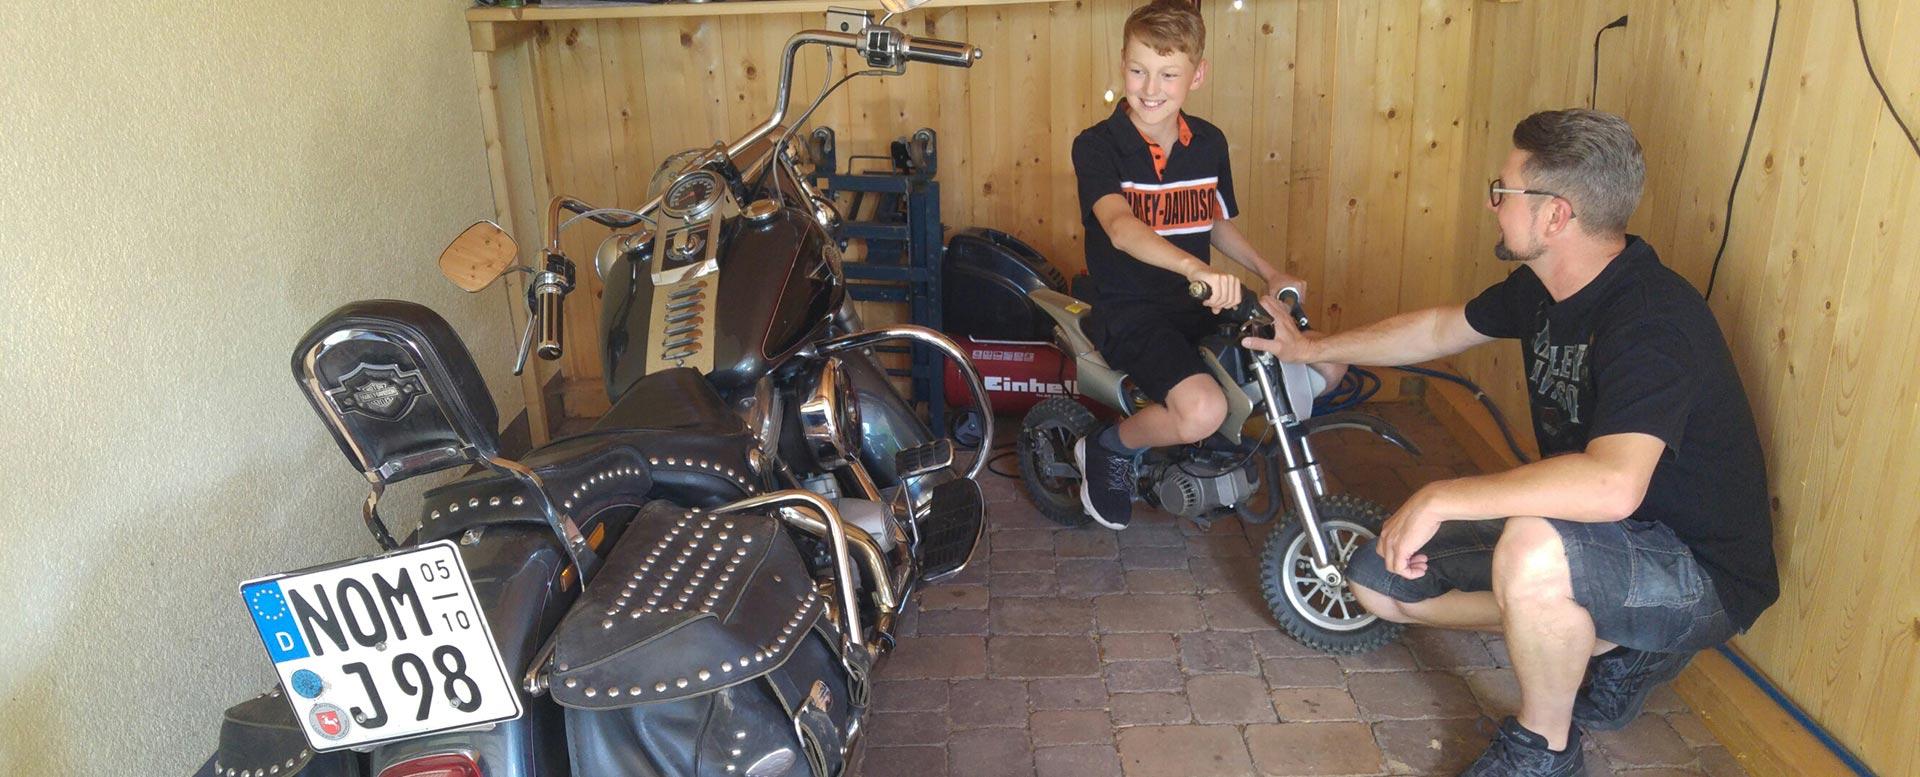 Harley-Touren von Vater und Sohn